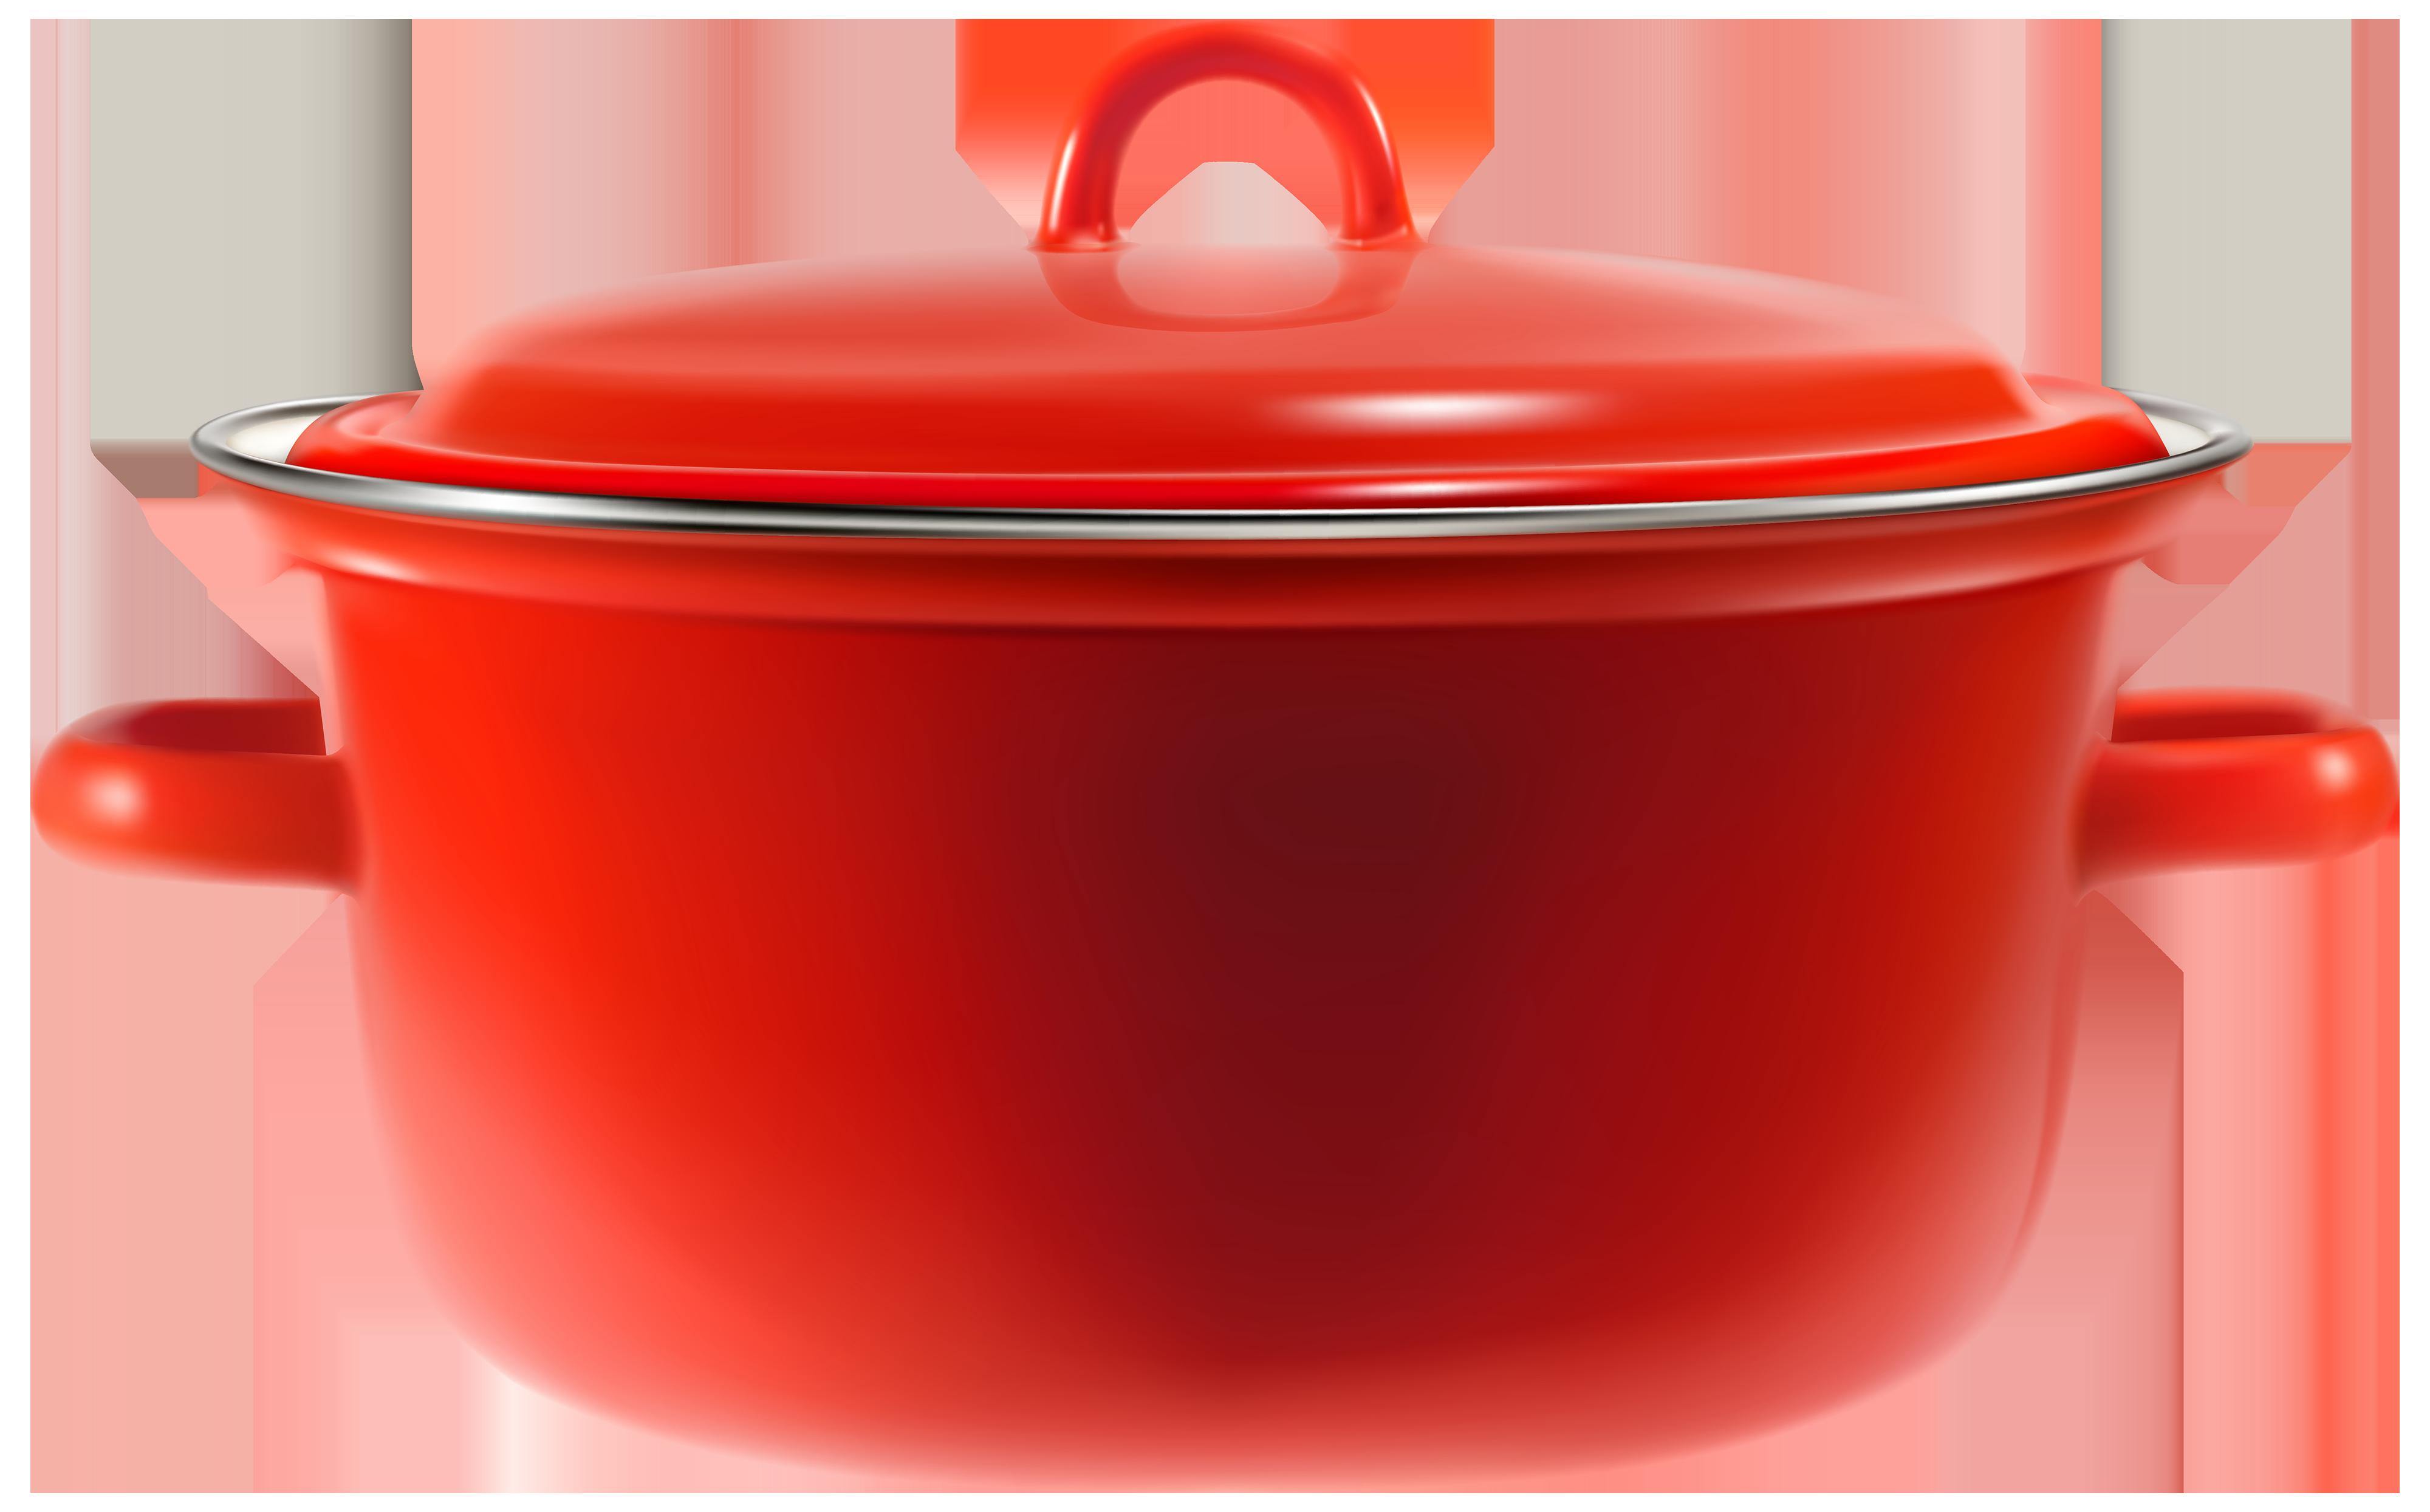 Cooking pot - Cooking Pan PNG